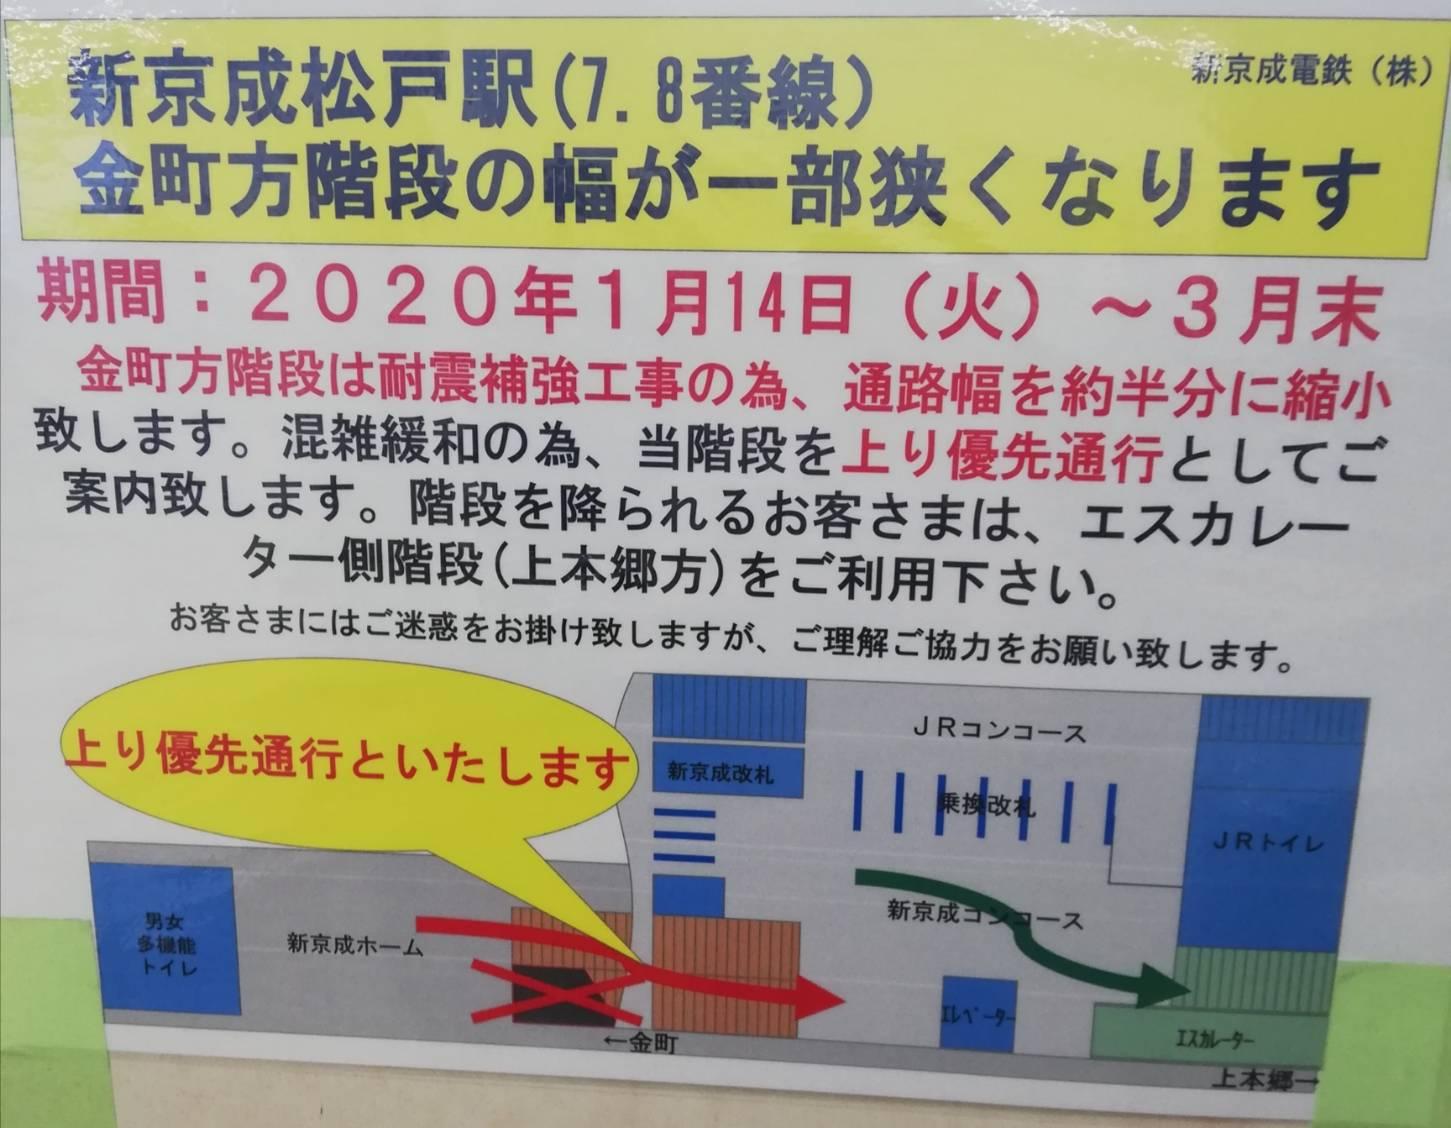 松戸駅新京成耐震補強工事階段